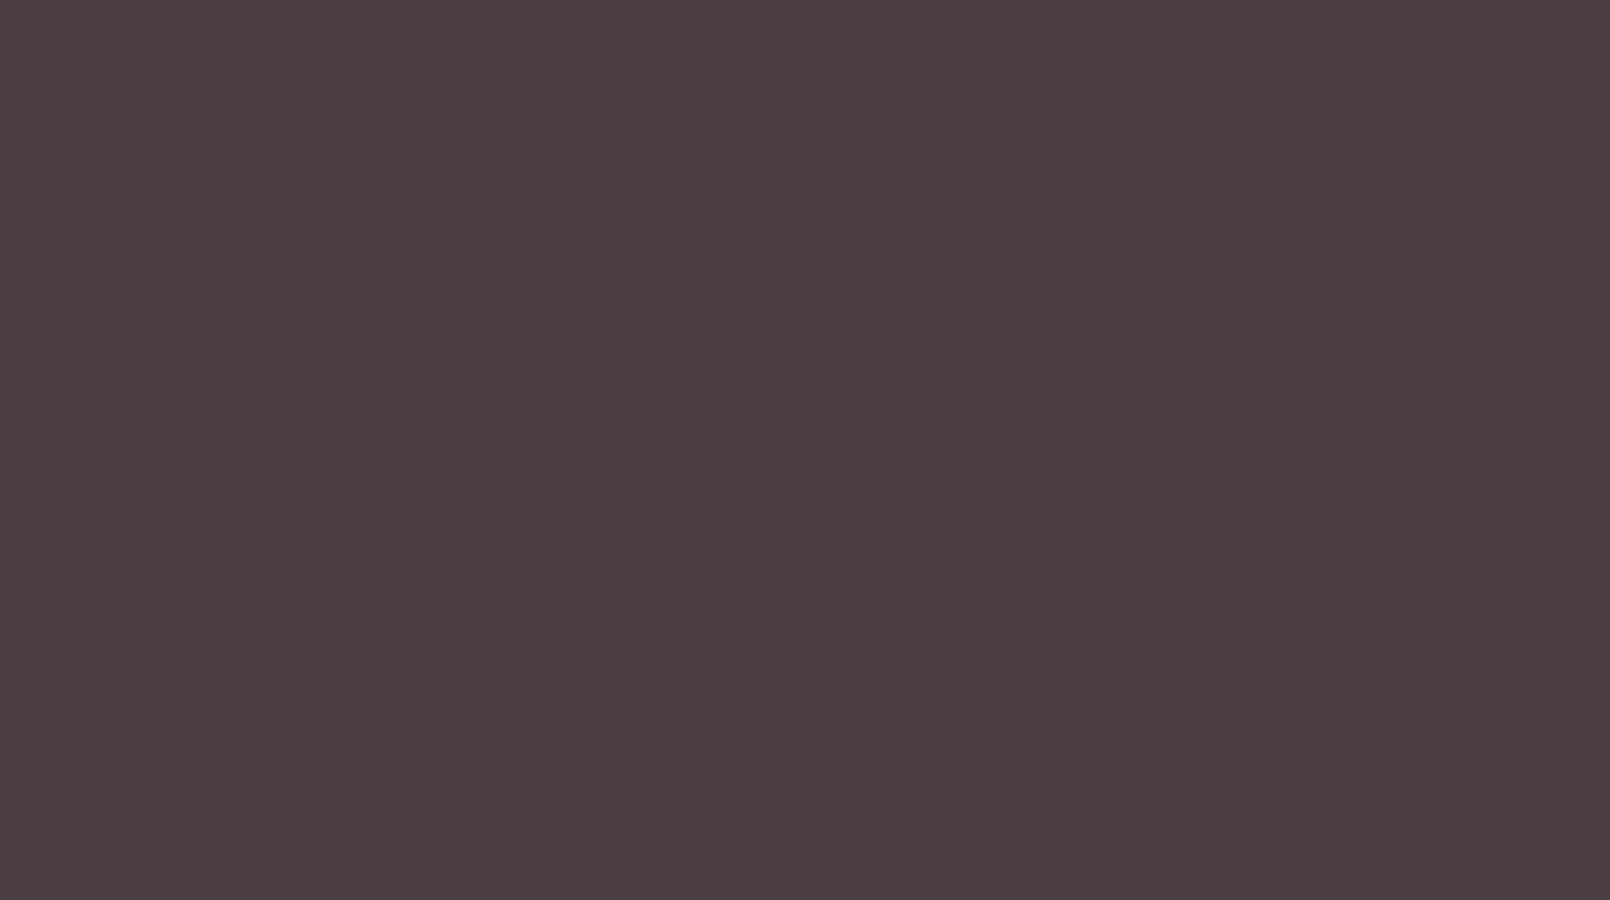 Алиса Фрейндлих в роли Людмилы Прокофьевны Кулагиной («мымры»). Кинофильм «Служебный роман»